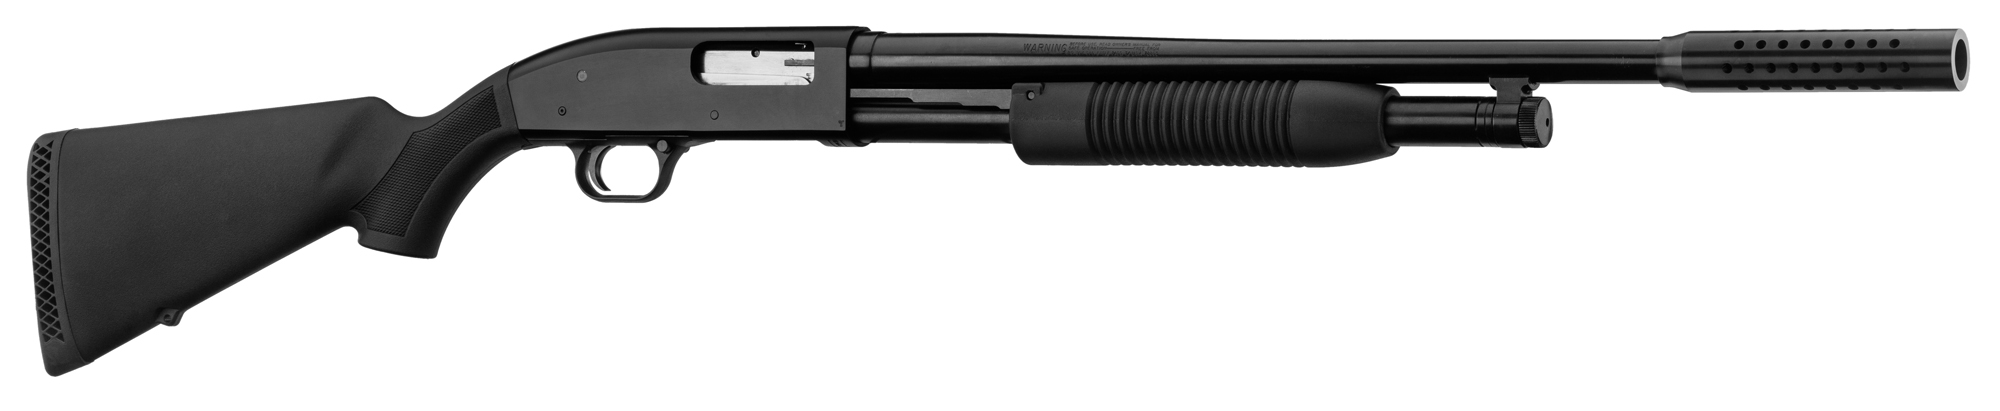 MV700B-1